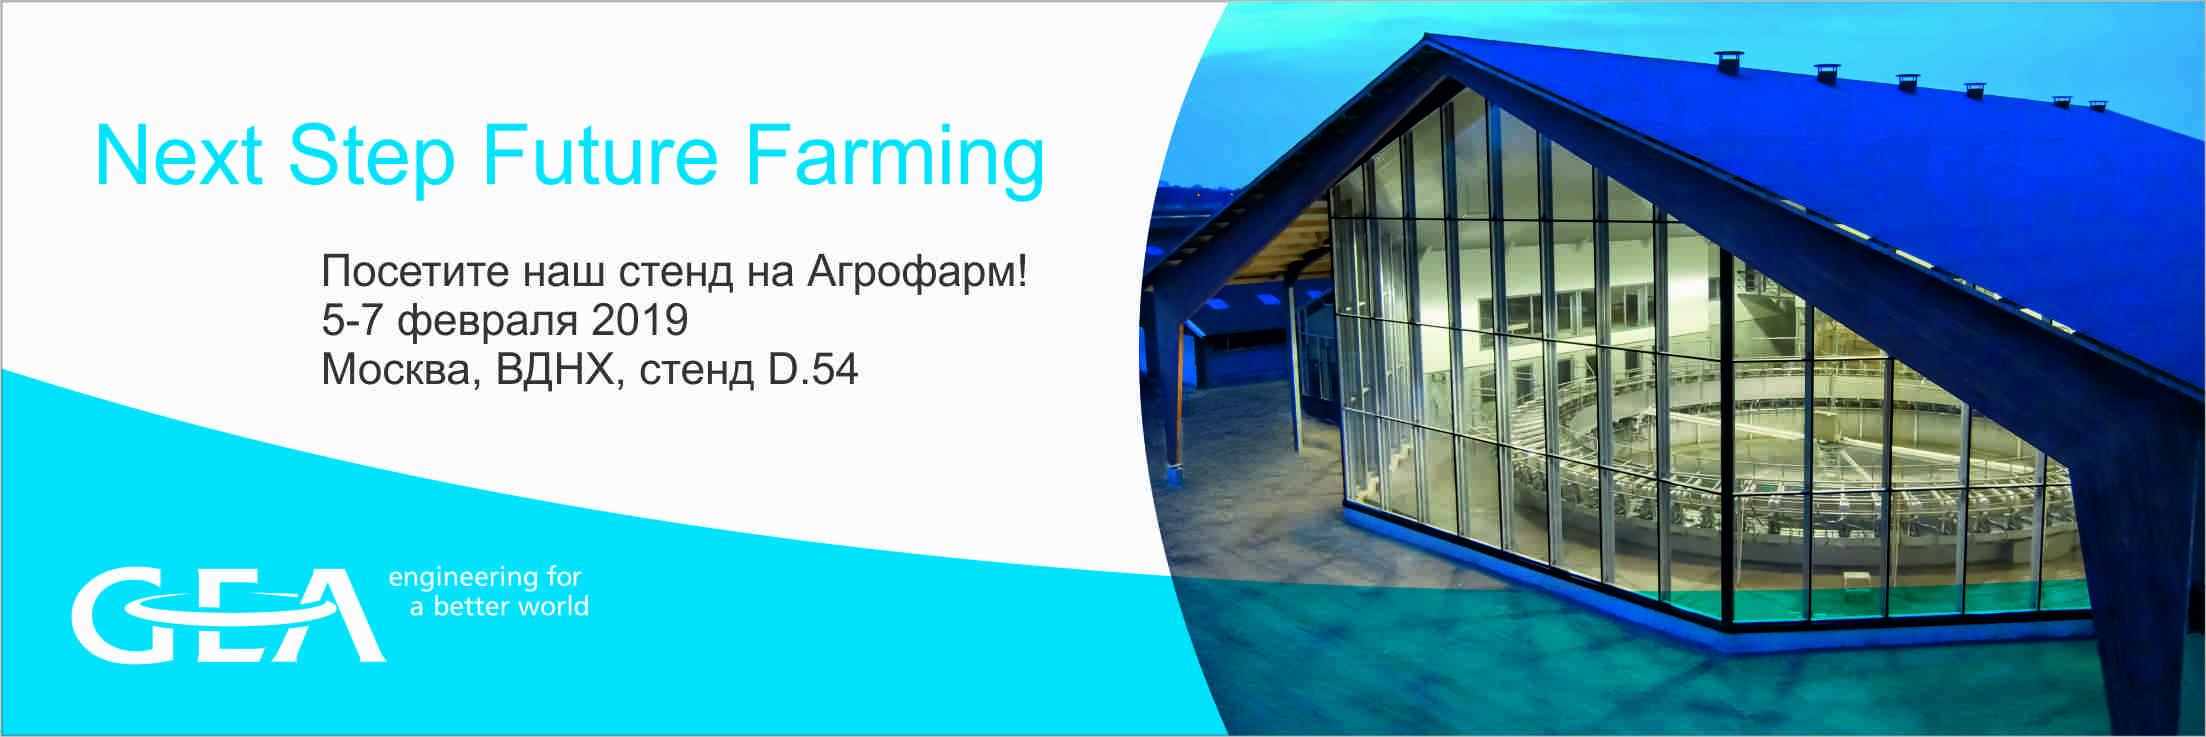 Выставка Агроферма 2019